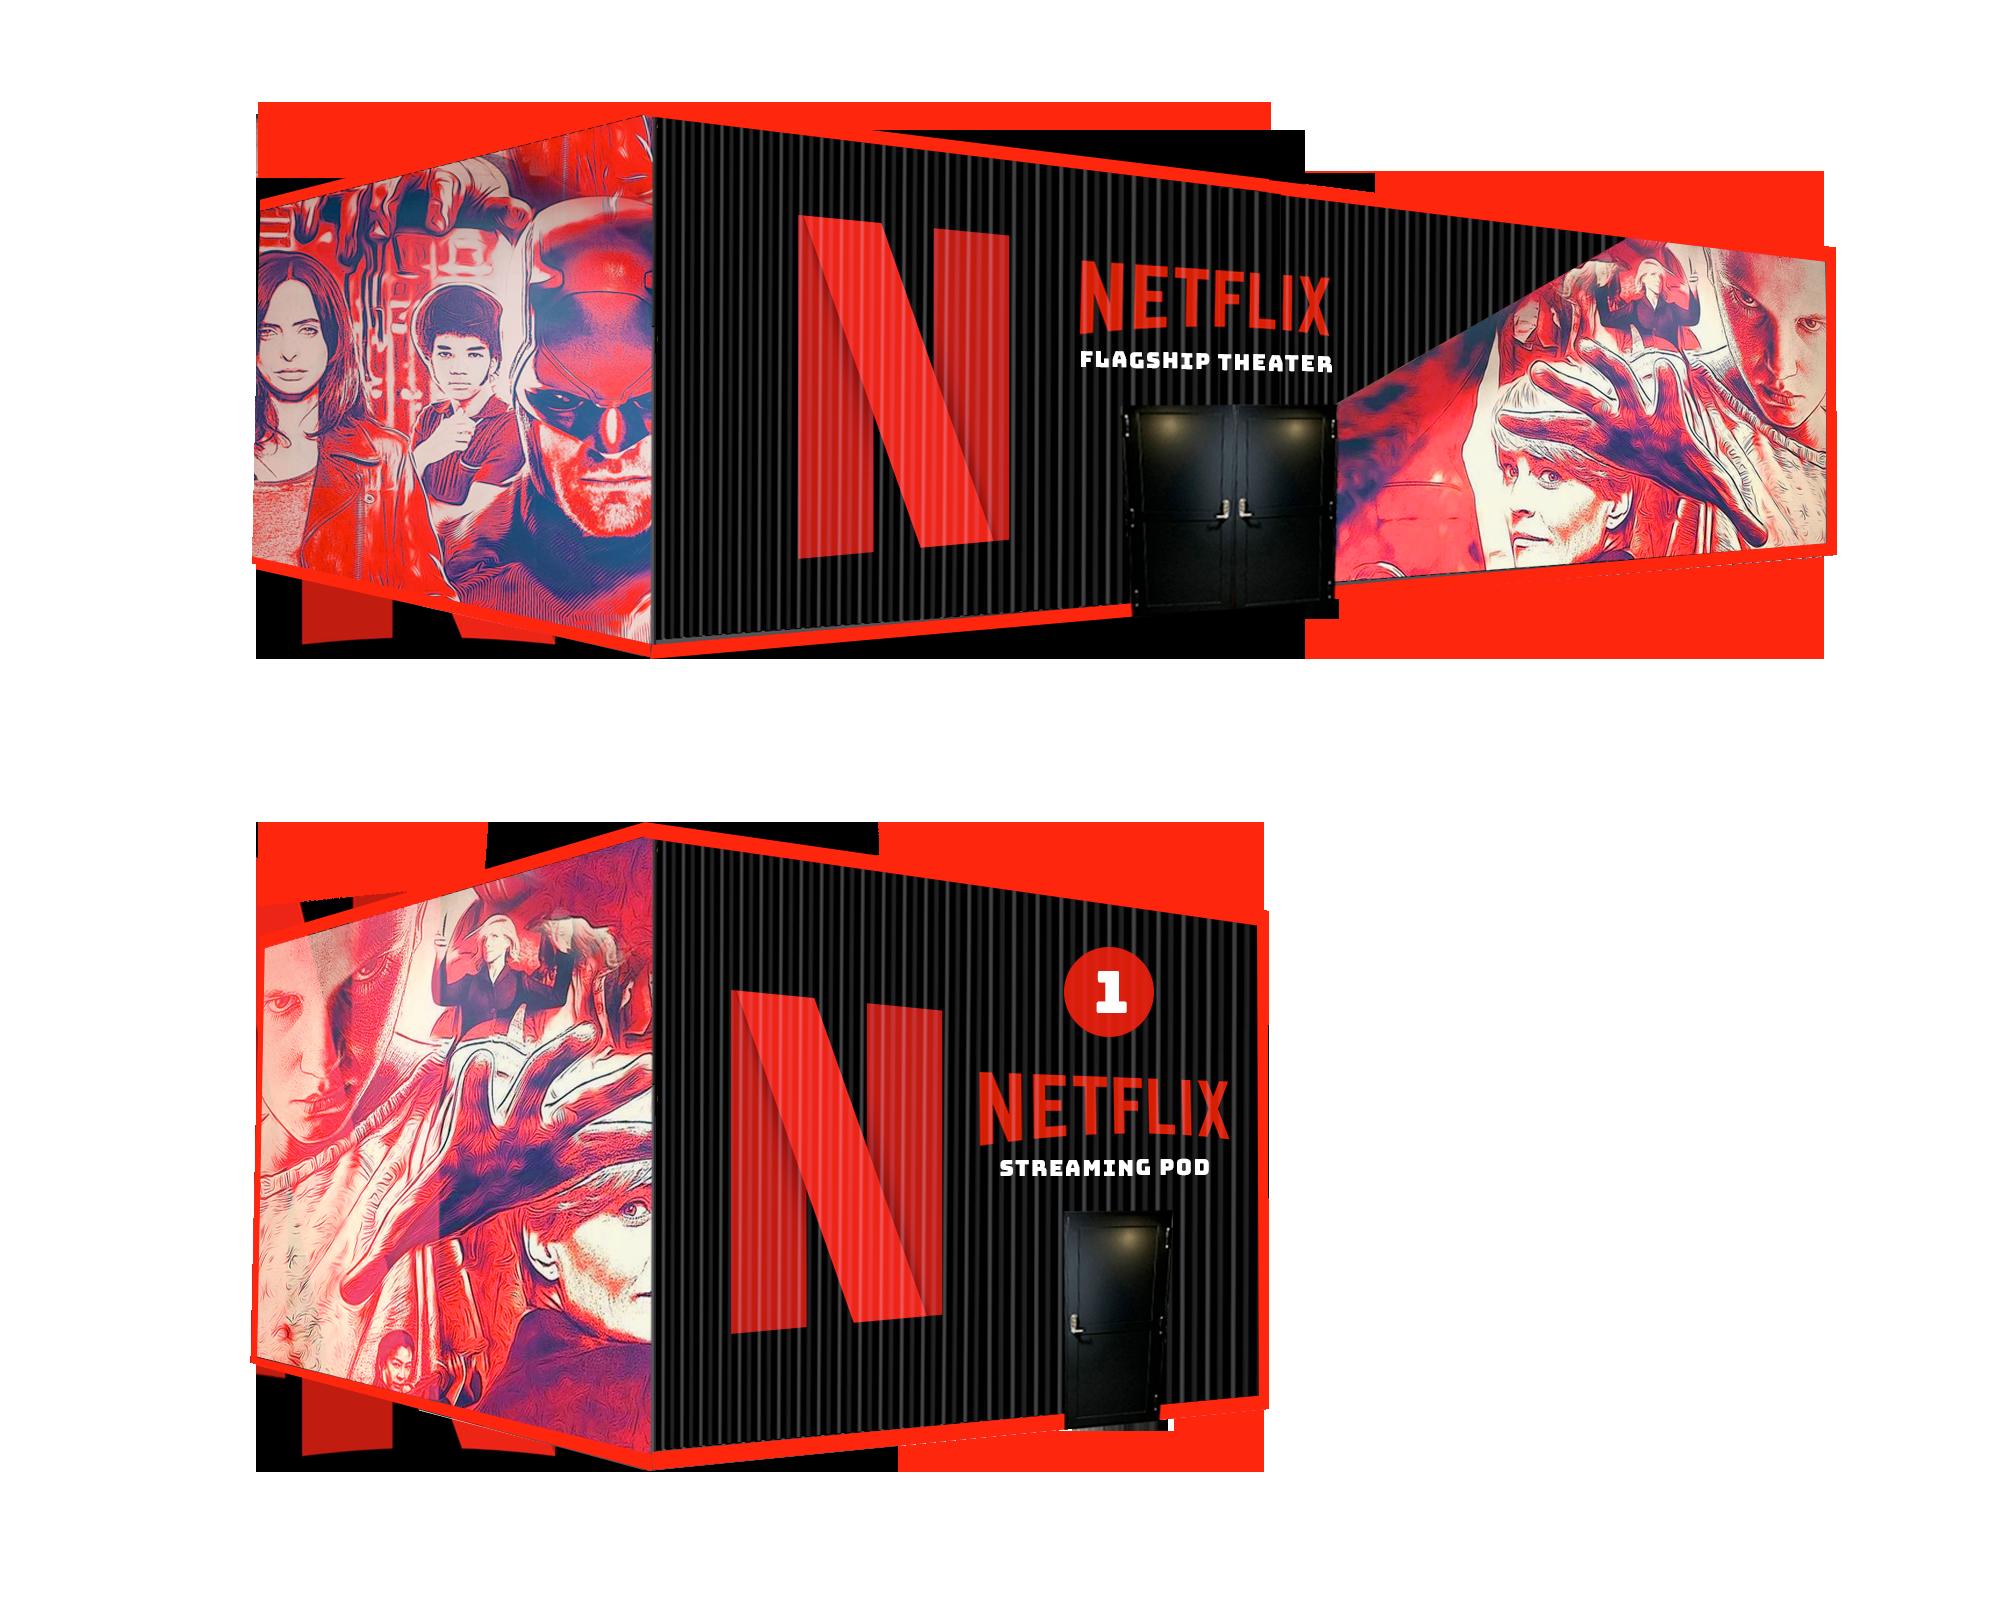 storage_container_netflix